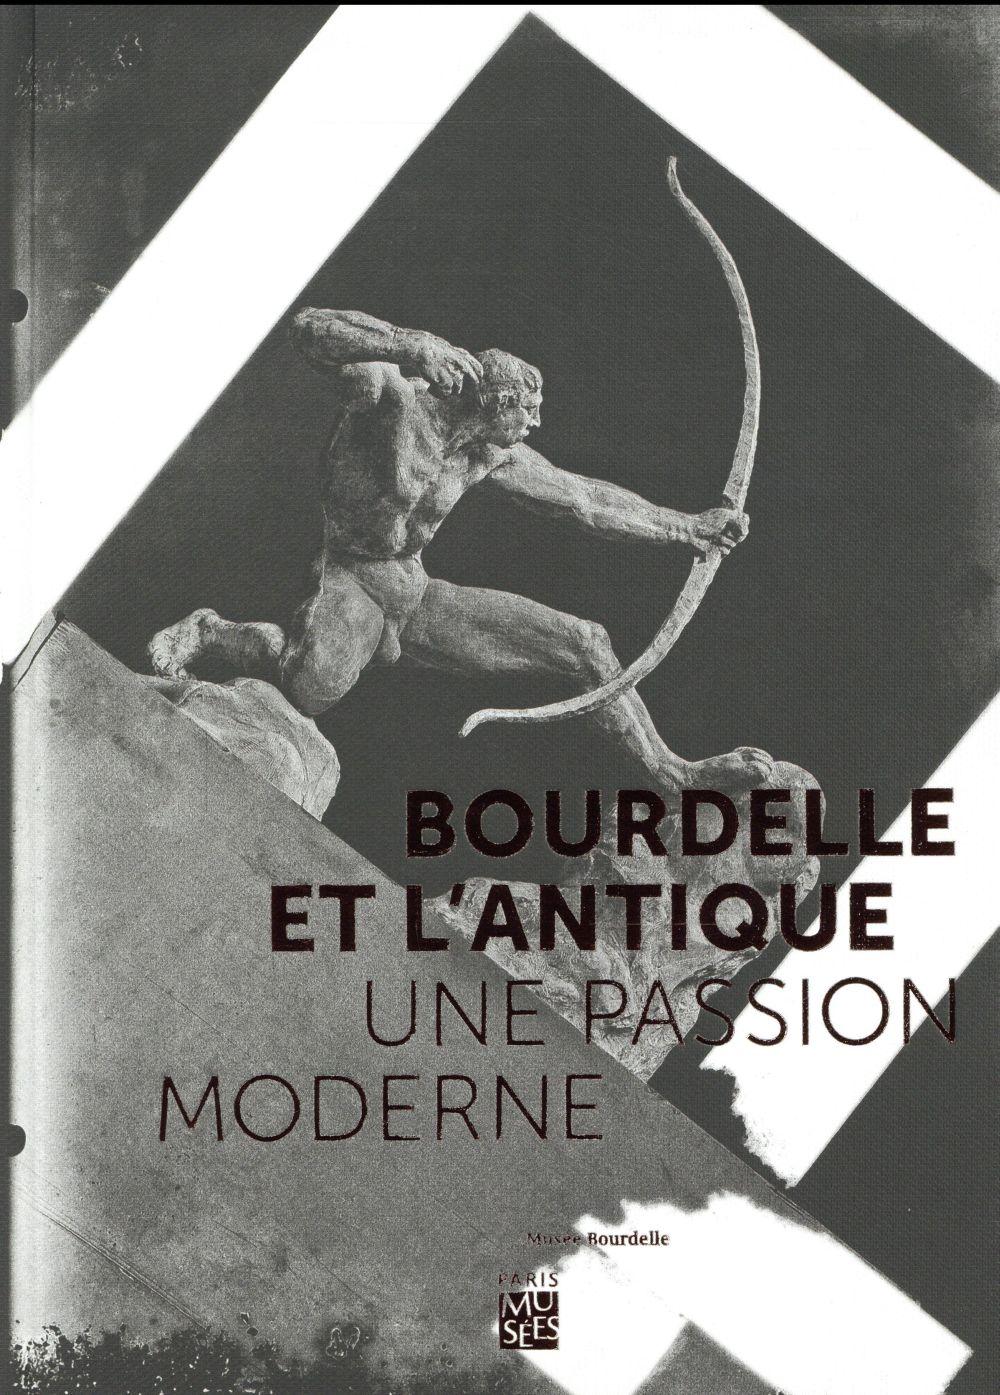 Bourdelle et l'antique, une passion moderne